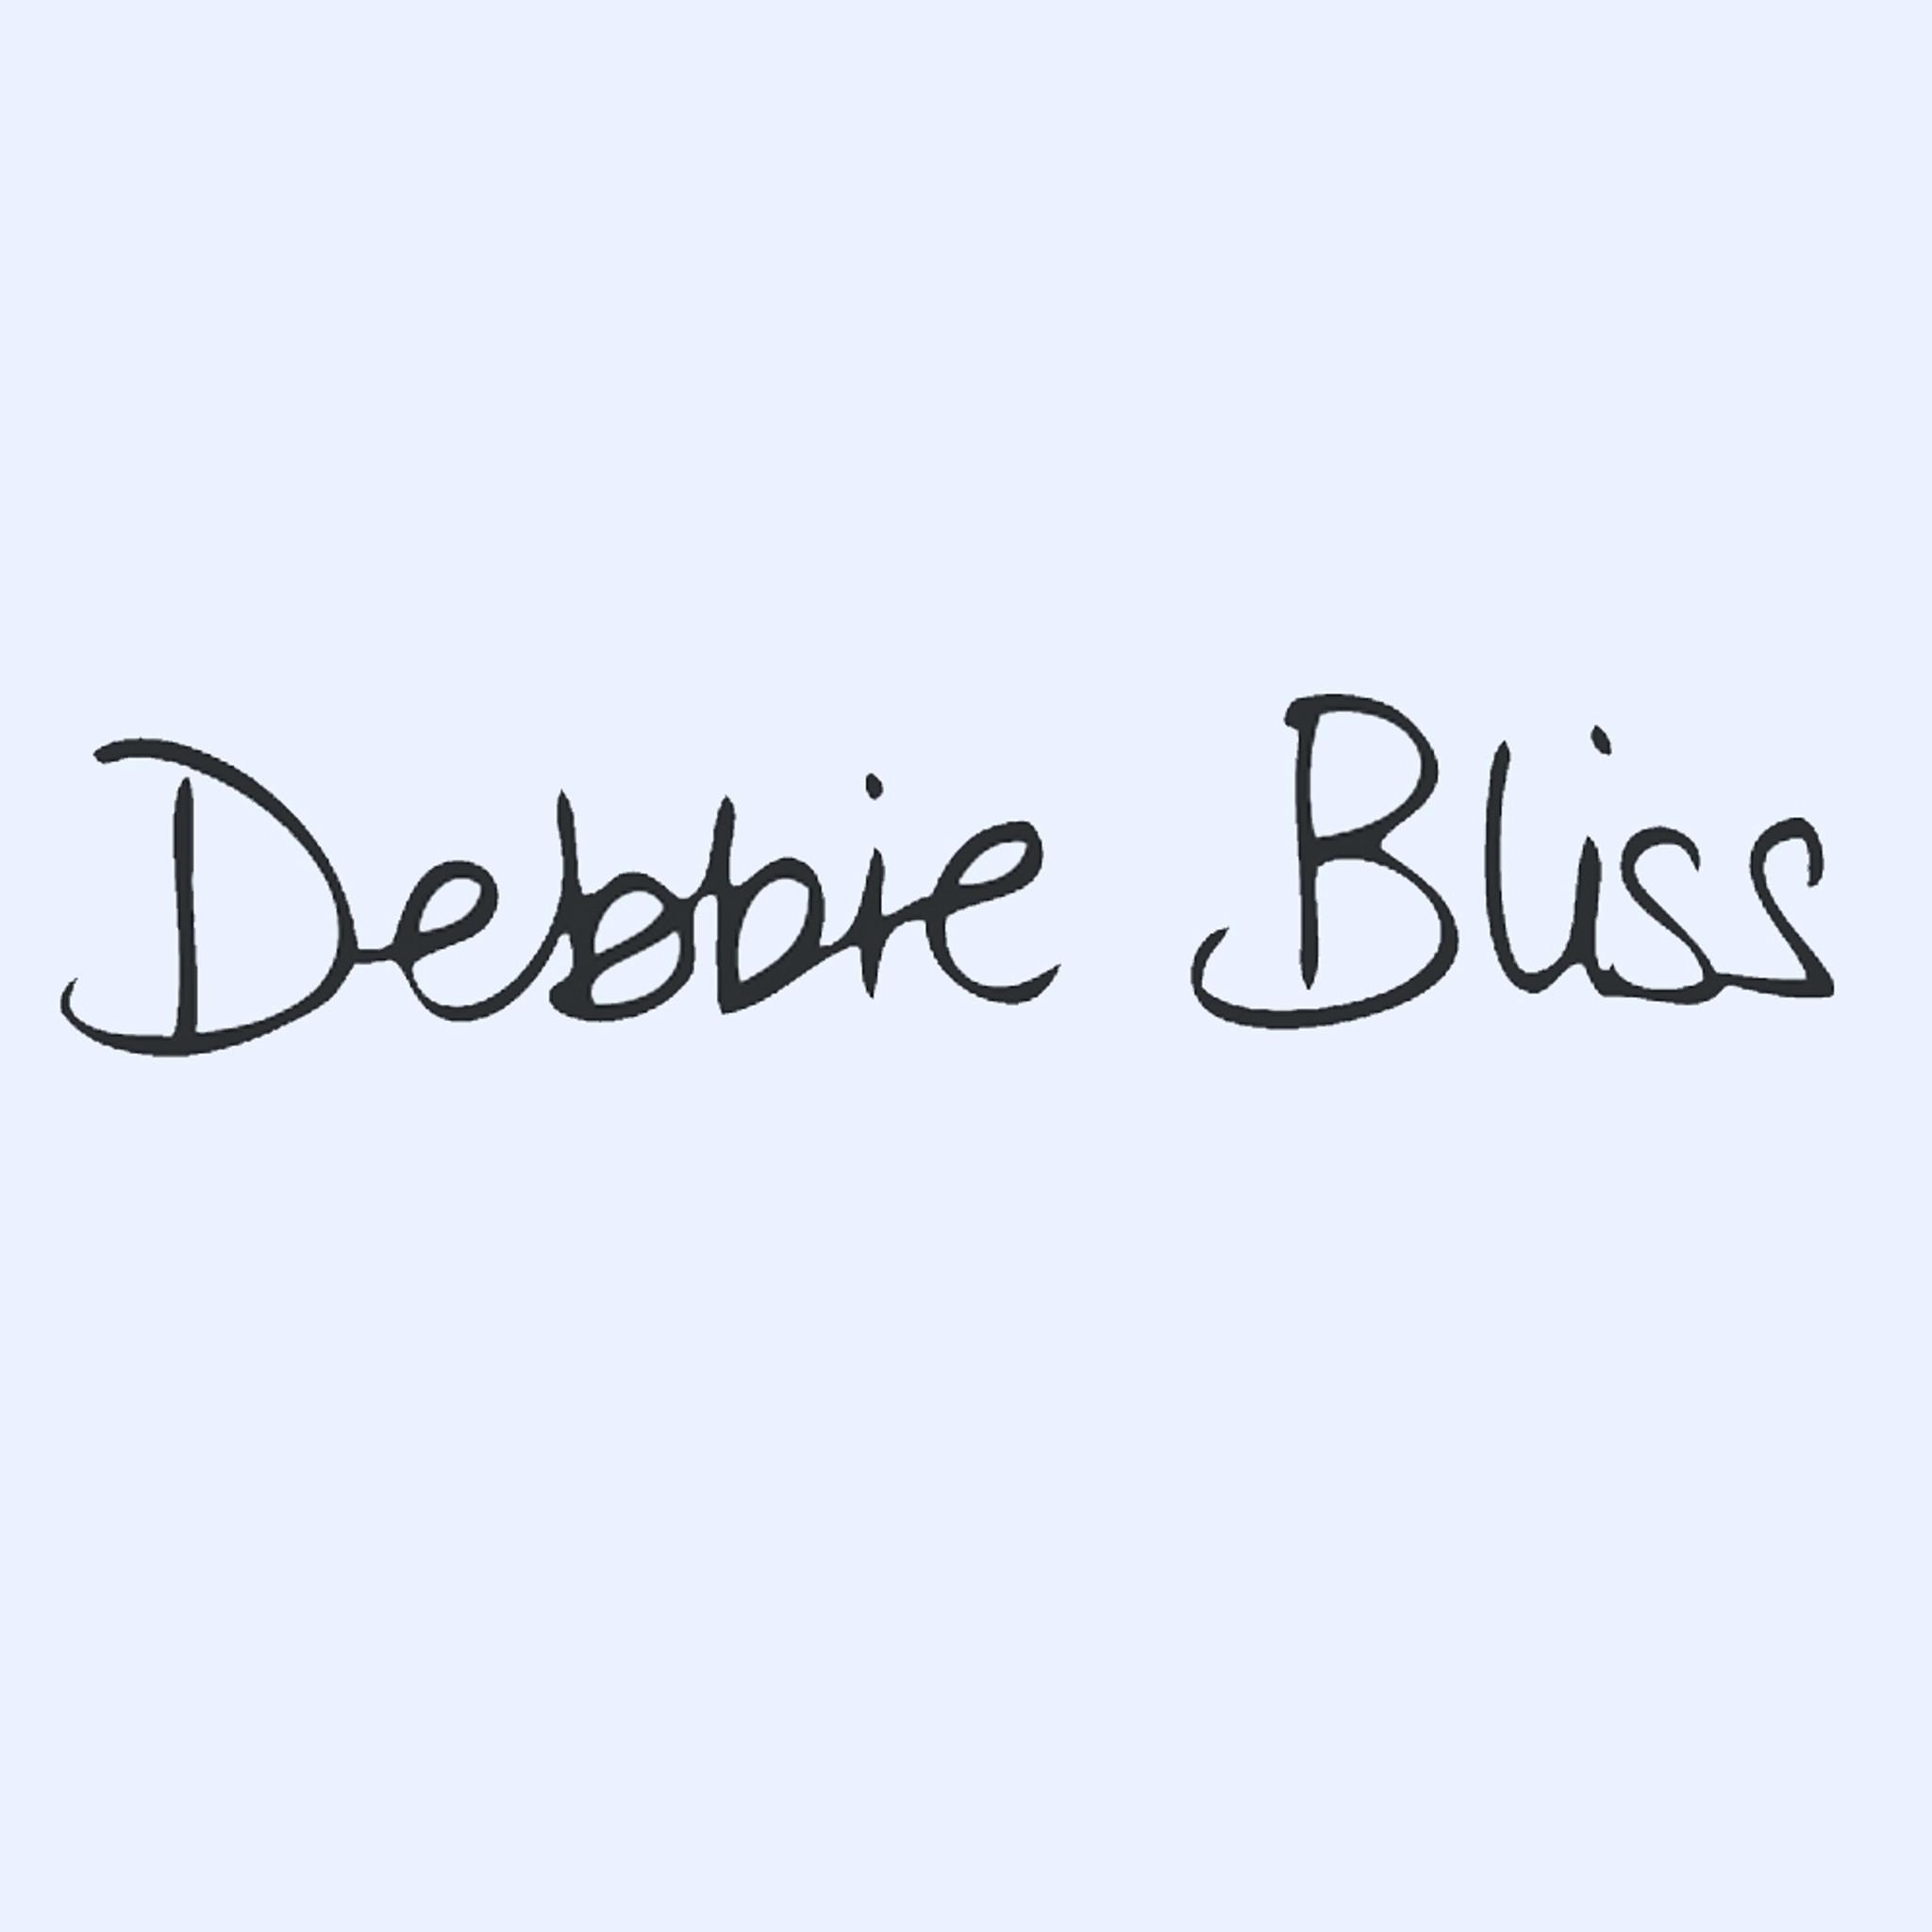 Debbie Bliss